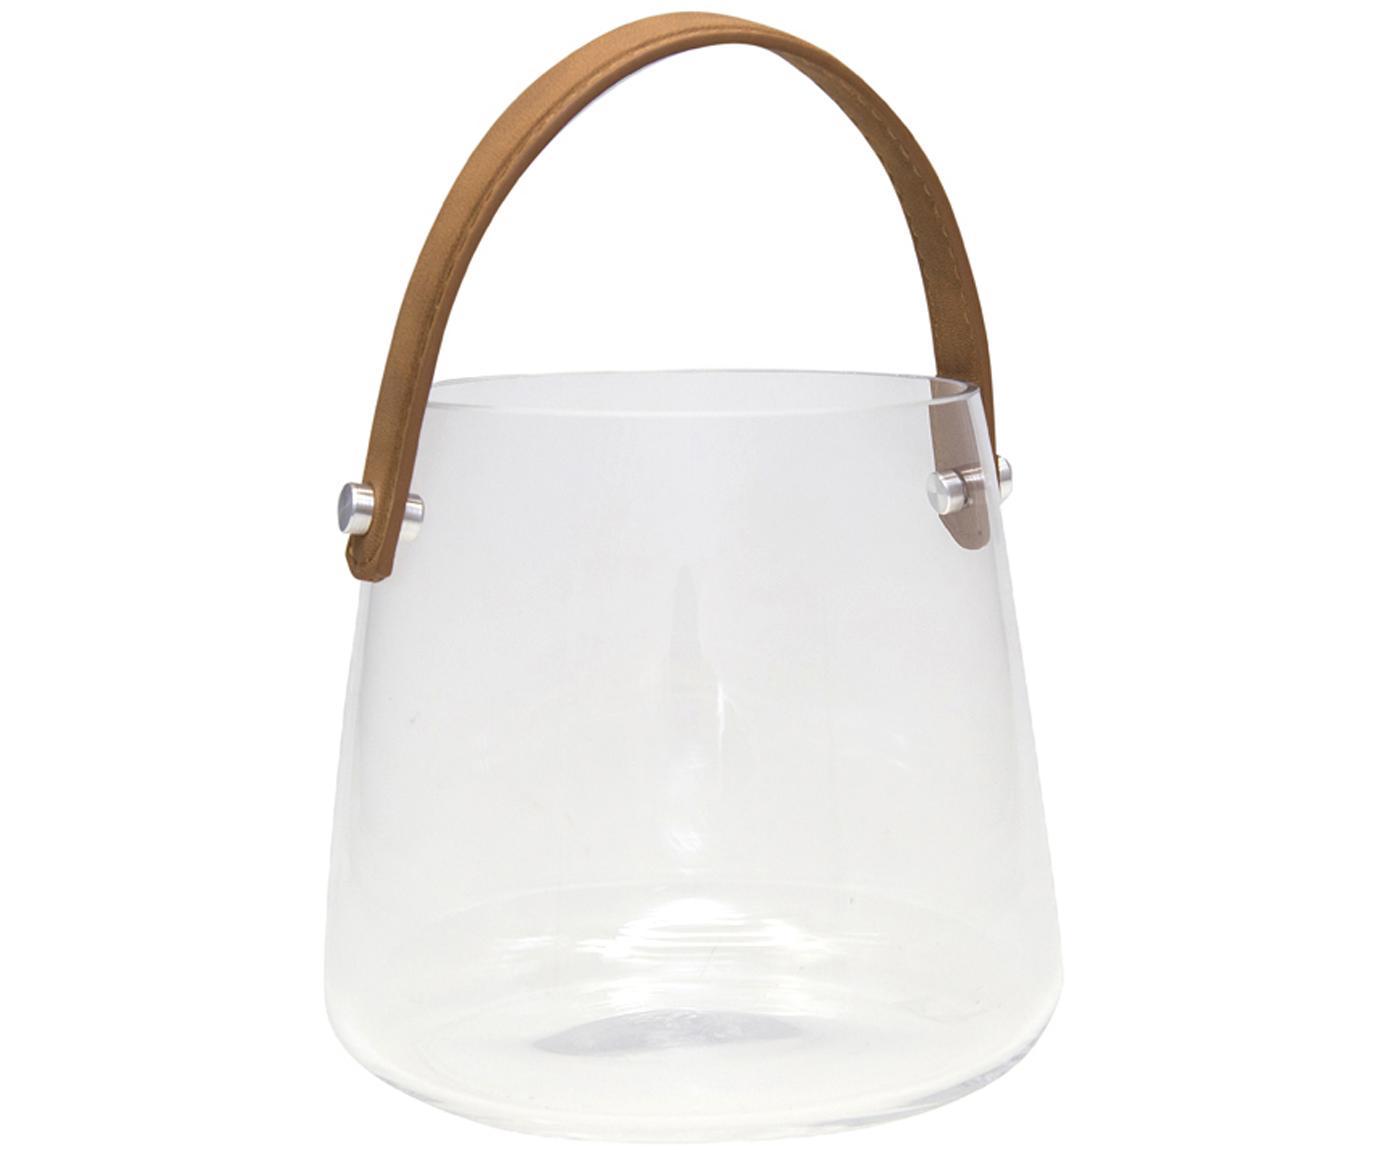 Windlicht Icca, Windlicht: Glas, Griff: Kunstleder, Braun, Transparent, Ø 16 x H 15 cm